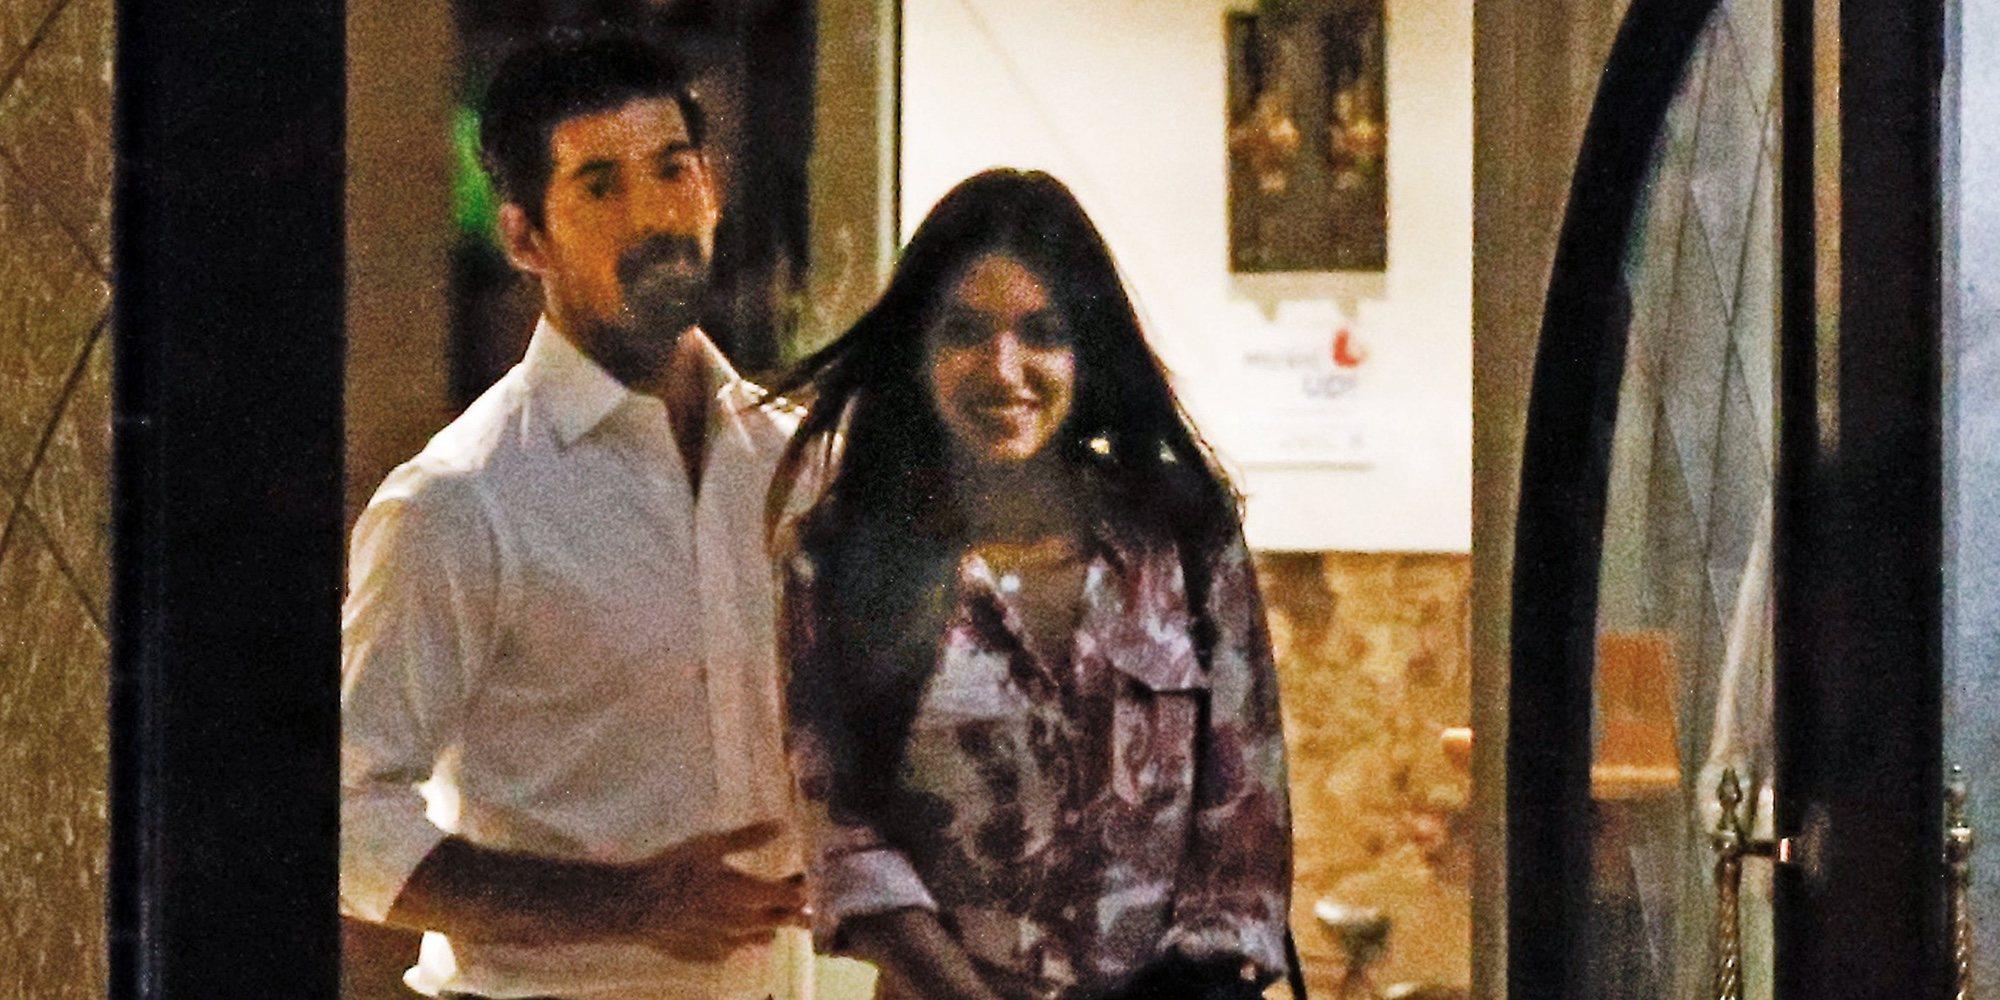 Miguel Ángel Muñoz, Ana Guerra y los románticos mensajes (indirectos) por San Valentín